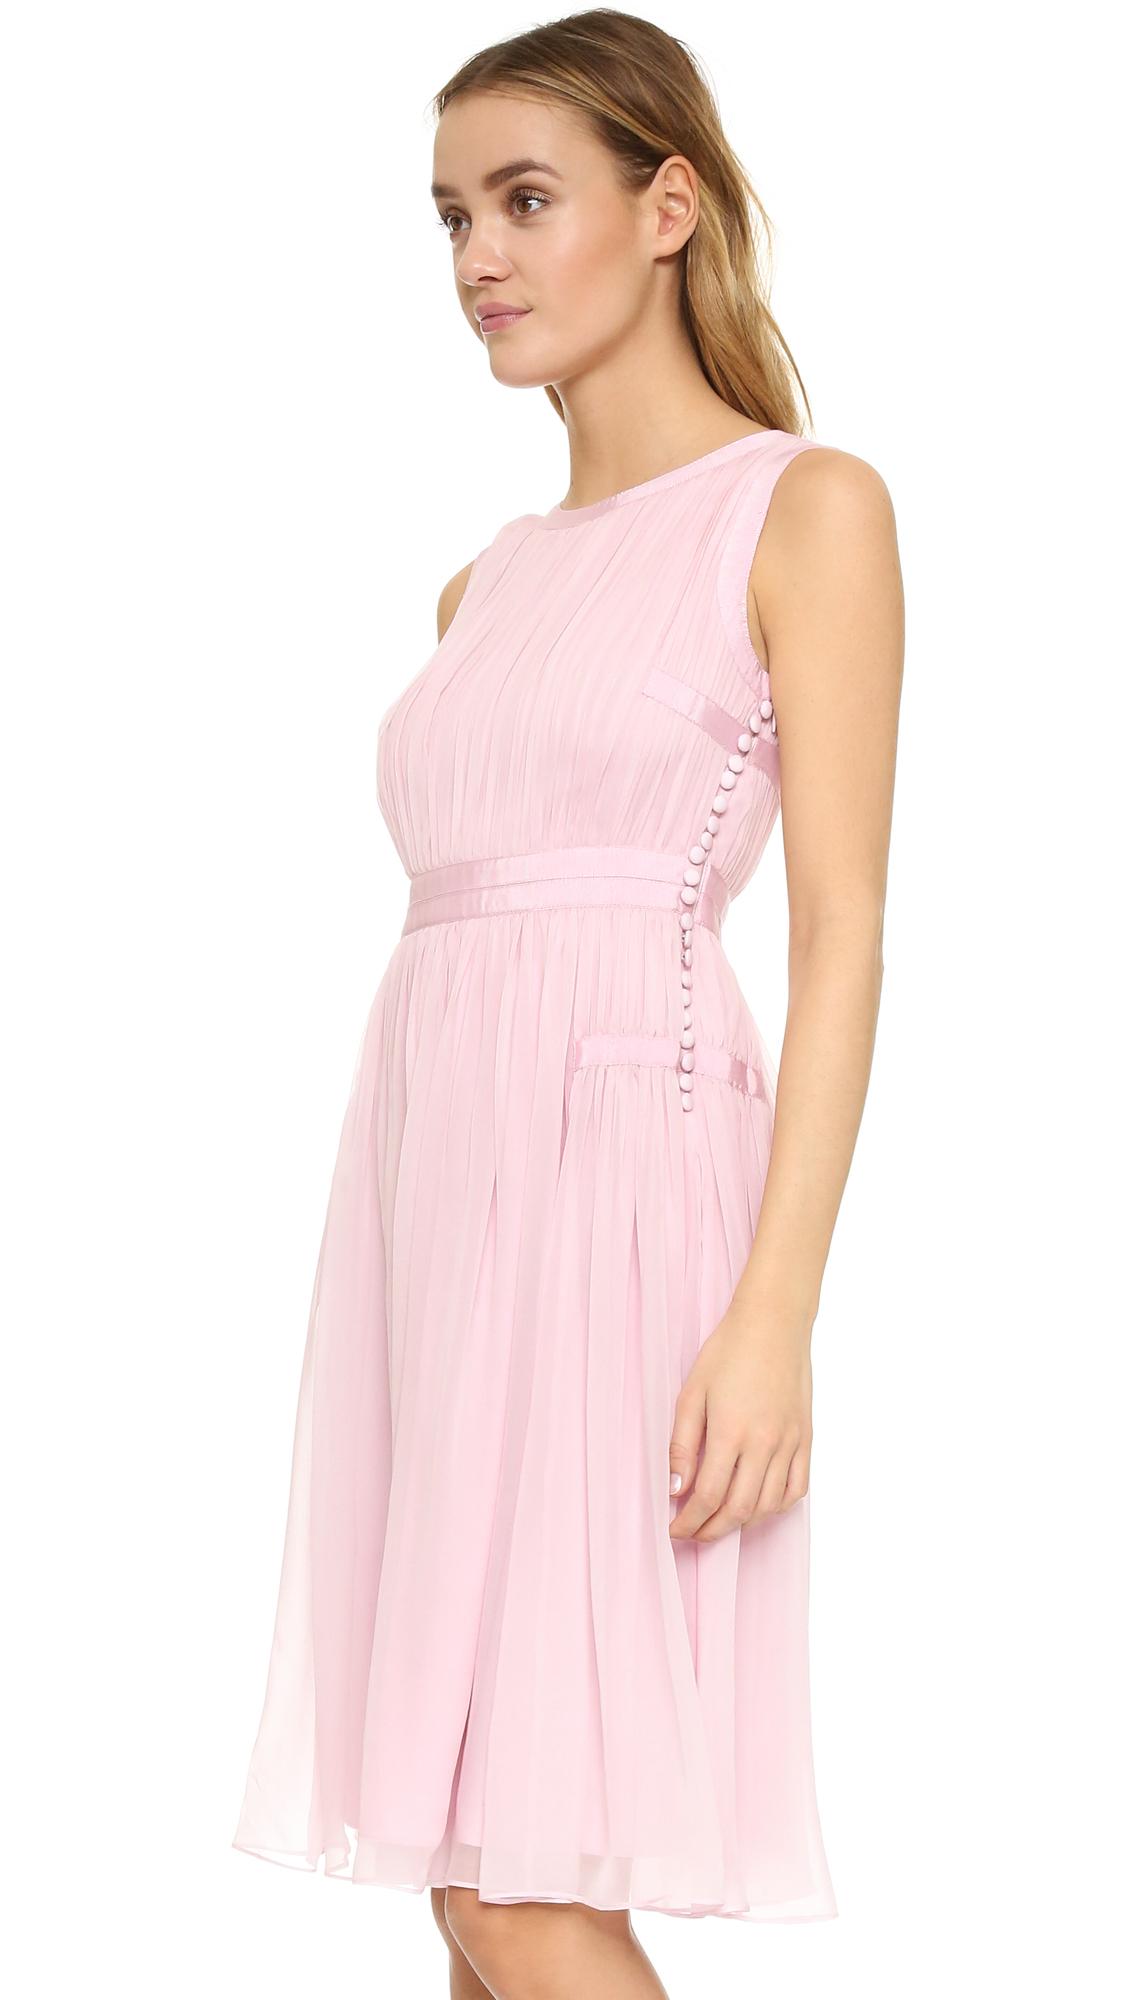 Lyst - Diane Von Furstenberg Letty Dress in Pink